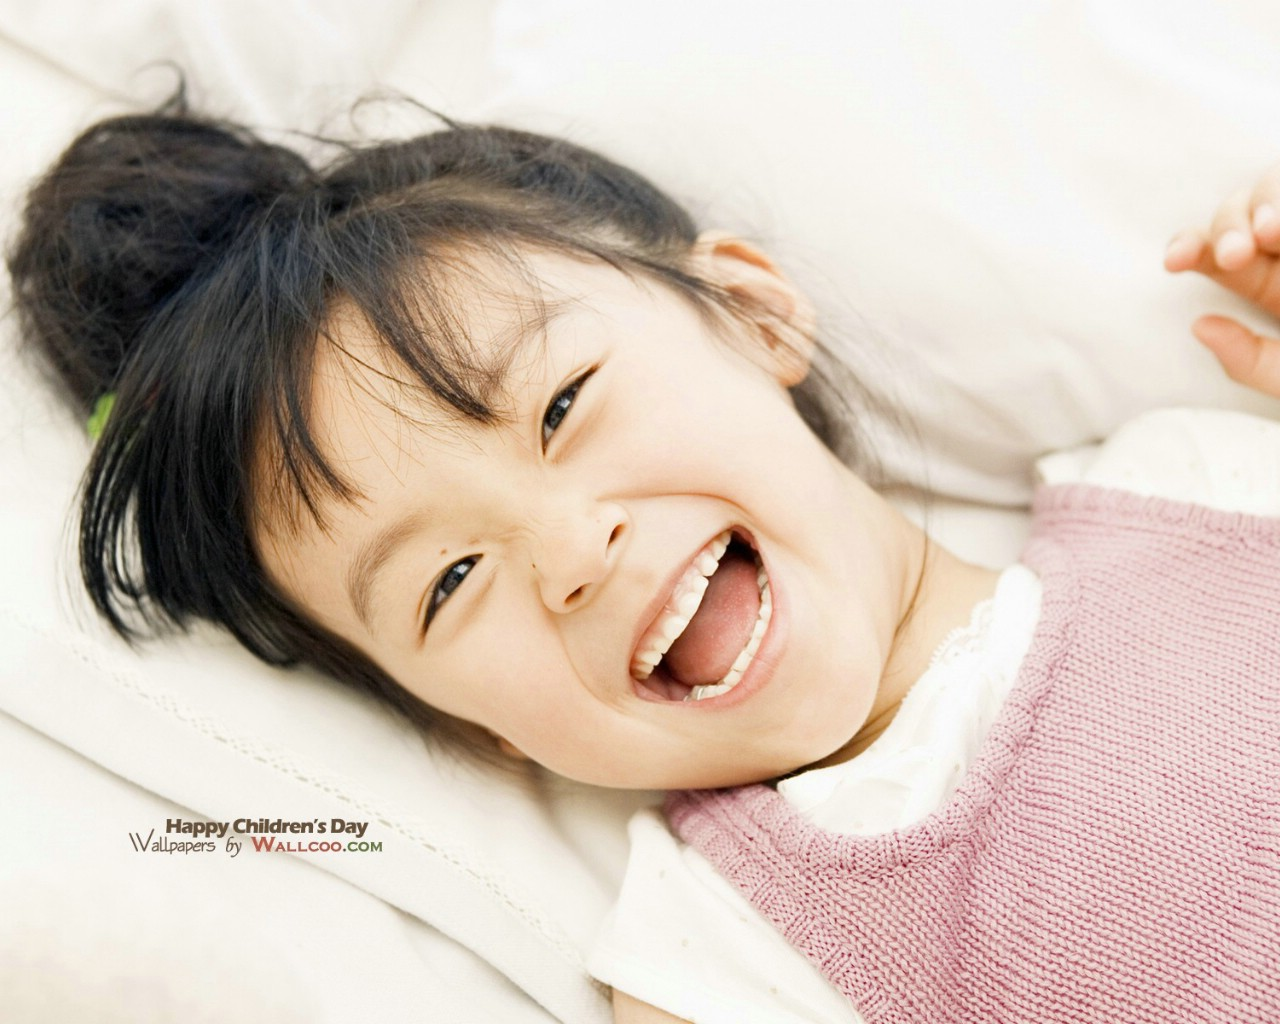 可爱儿童摄影壁纸 可爱小女孩图片